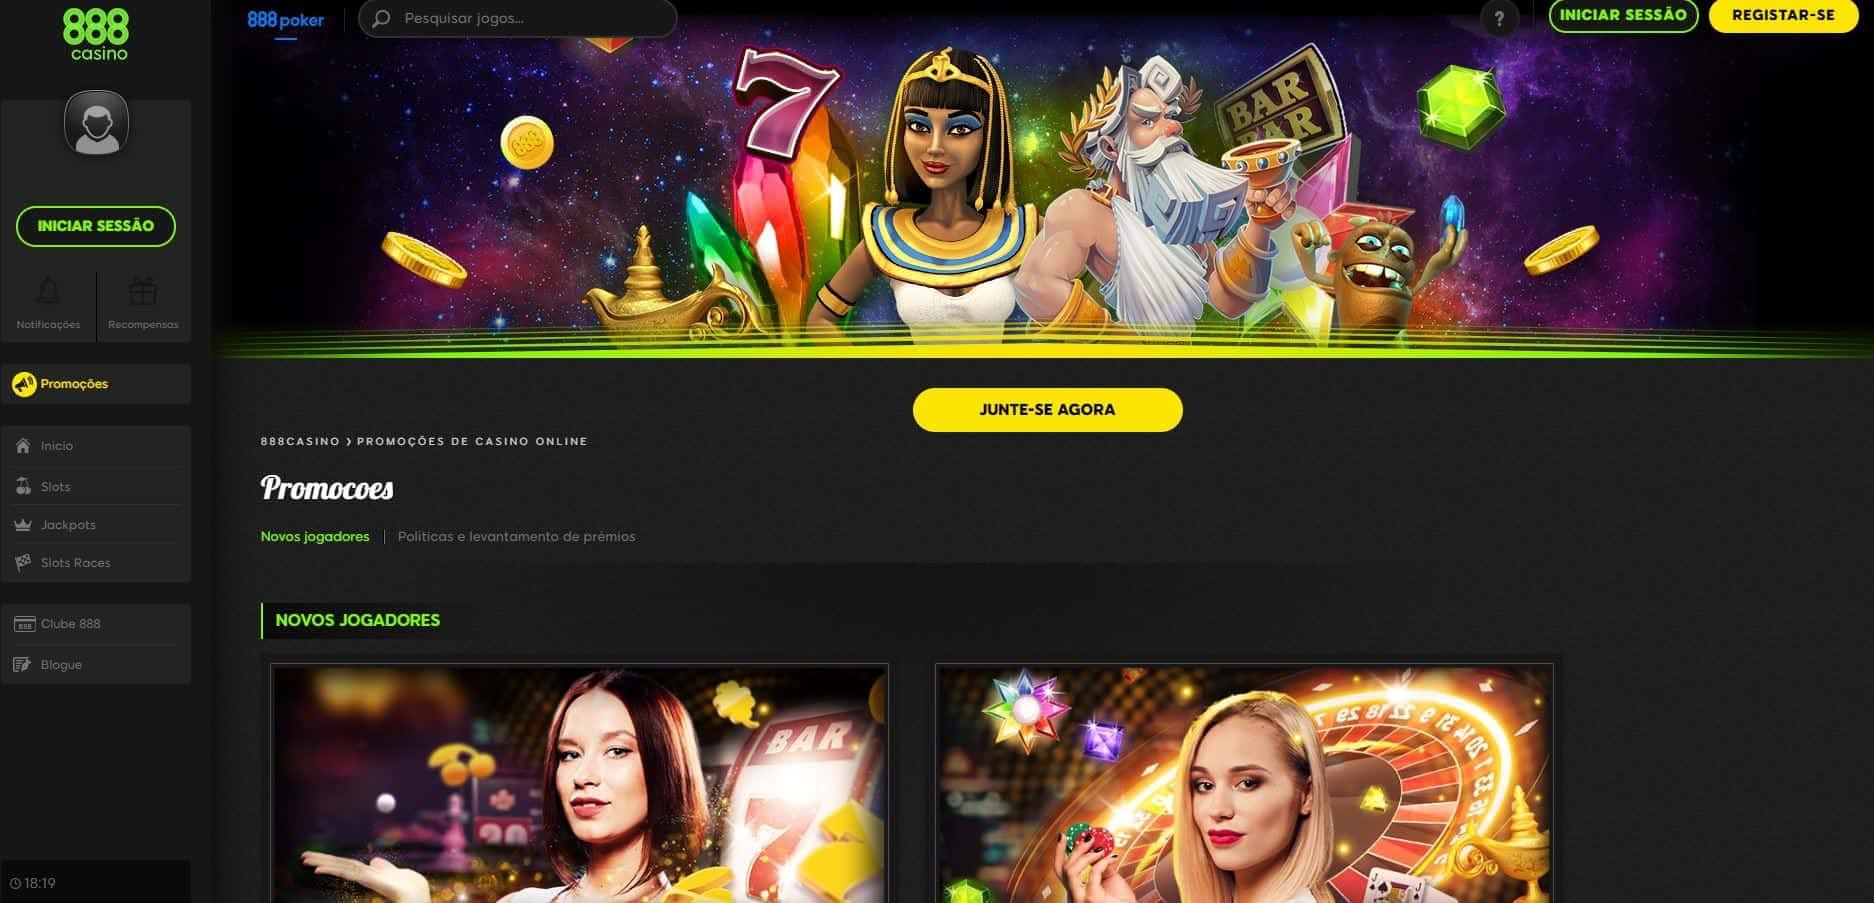 O 888 Casino oferece aos seus jogadores diversos bónus e promoções